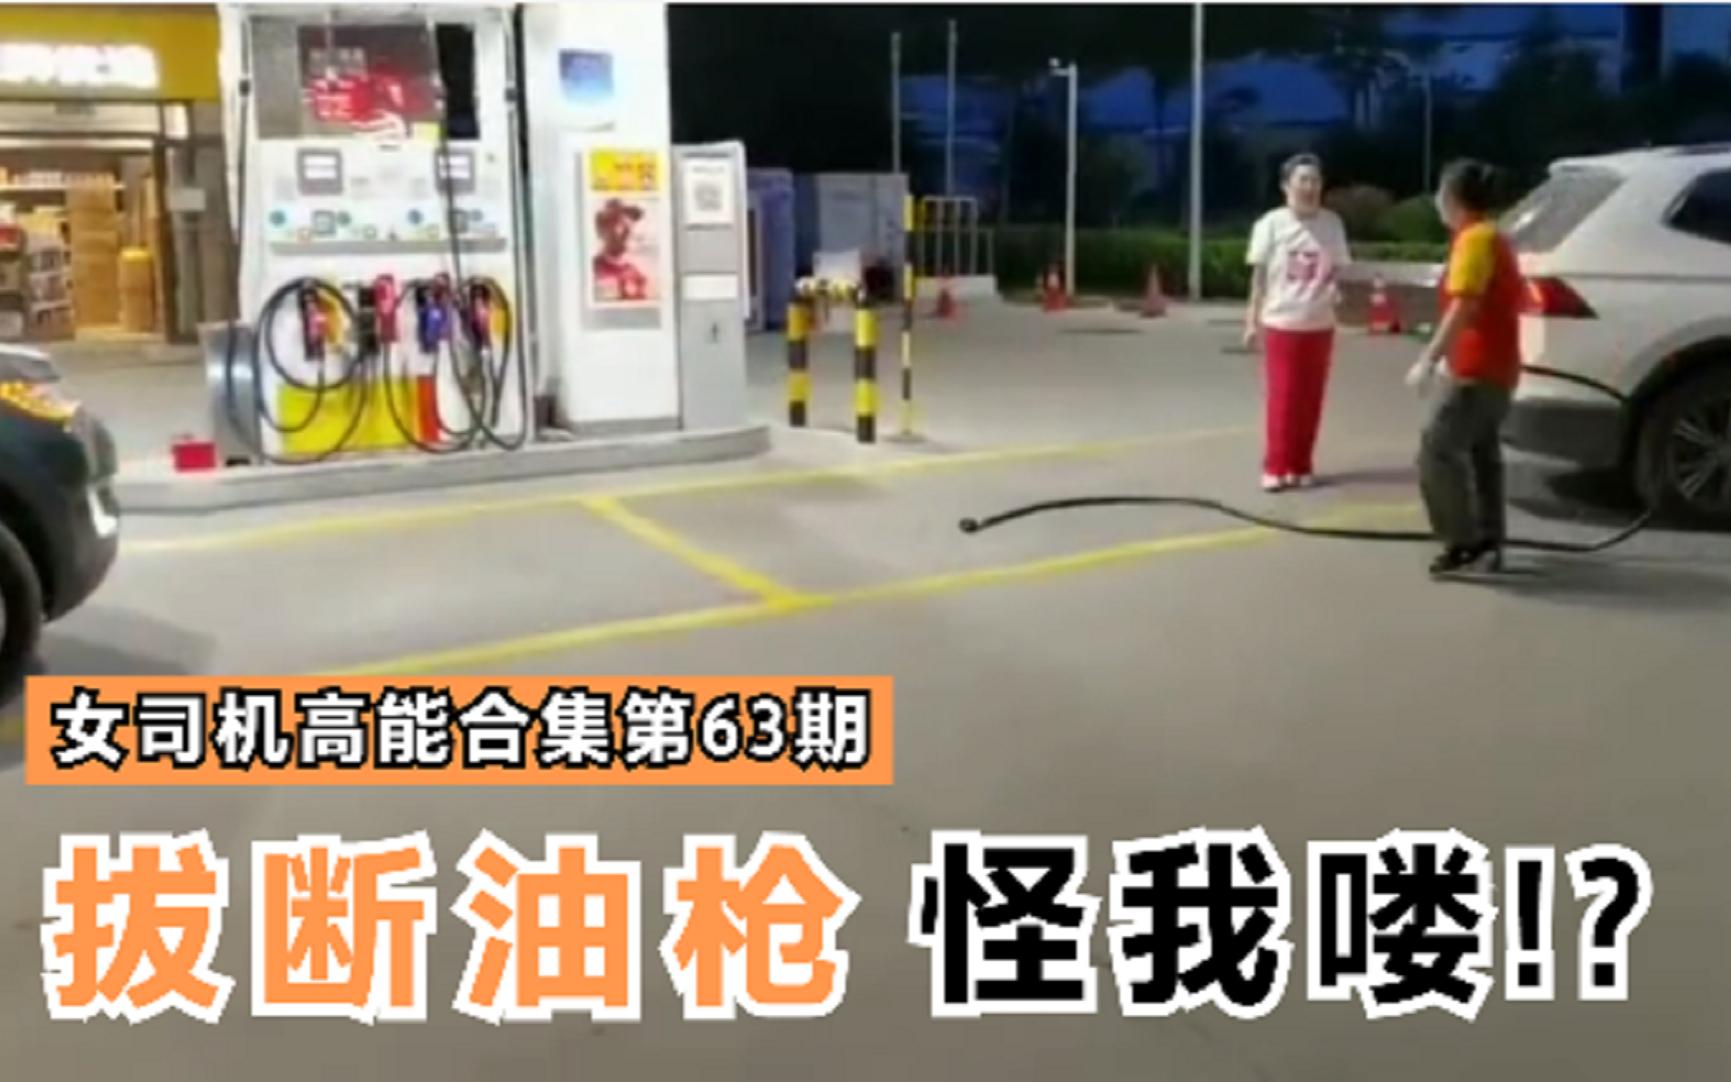 第63期:油箱没油可以加桶矿泉水续航?女司机:我抖音学的